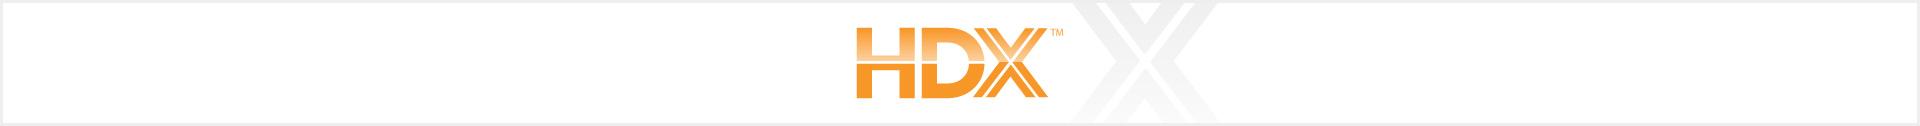 HDX Brand Banner